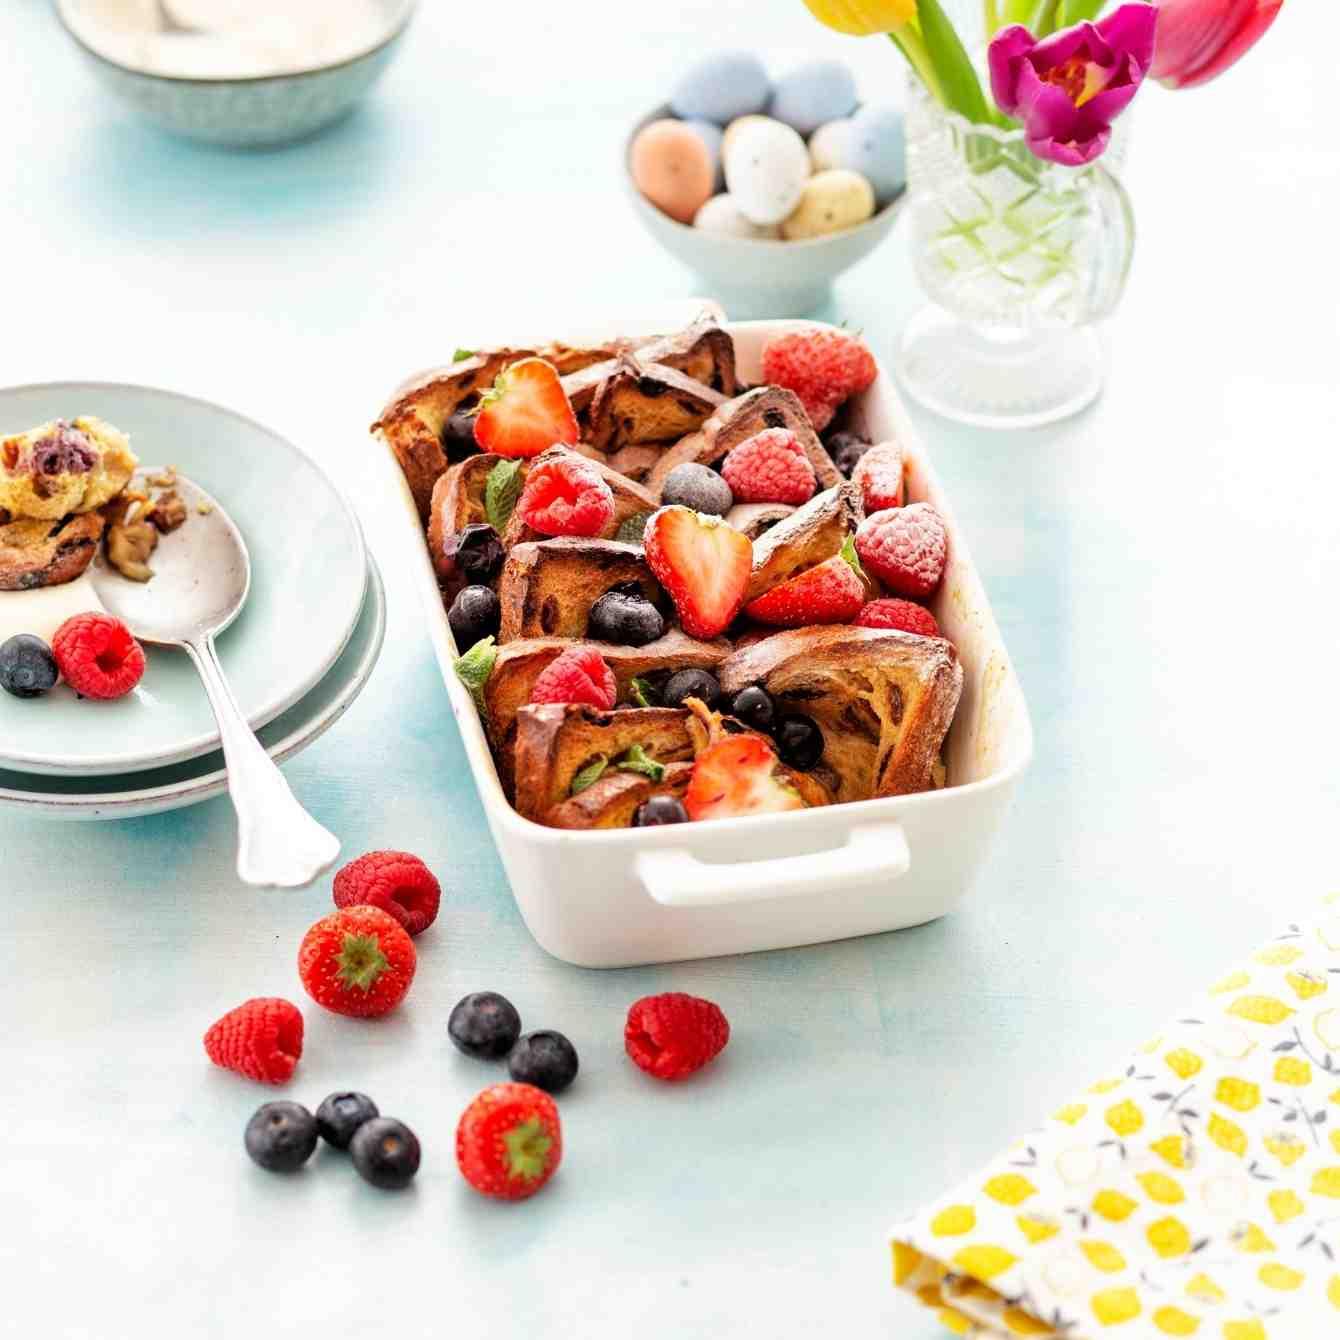 Wentelteefjesschotel van krentenbrood met fruit en kwark